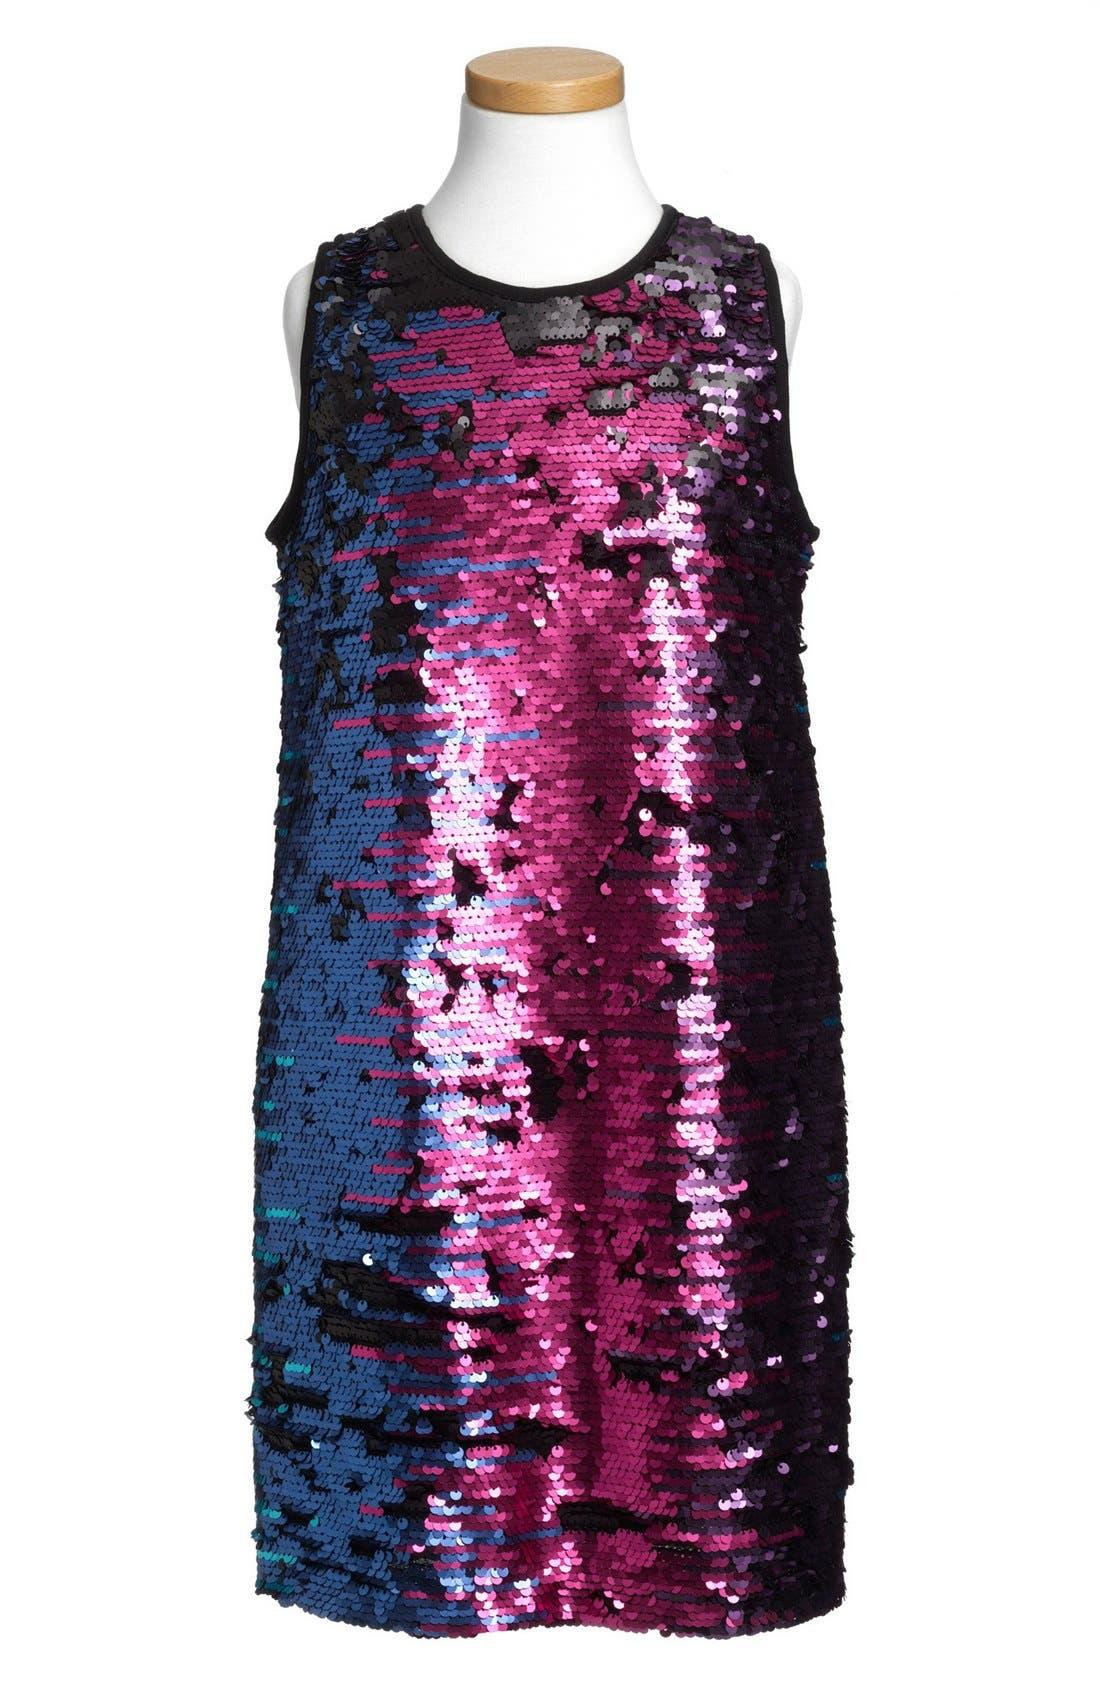 Alternate Image 1 Selected - Pippa & Julie Flip Sequin Dress (Big Girls)